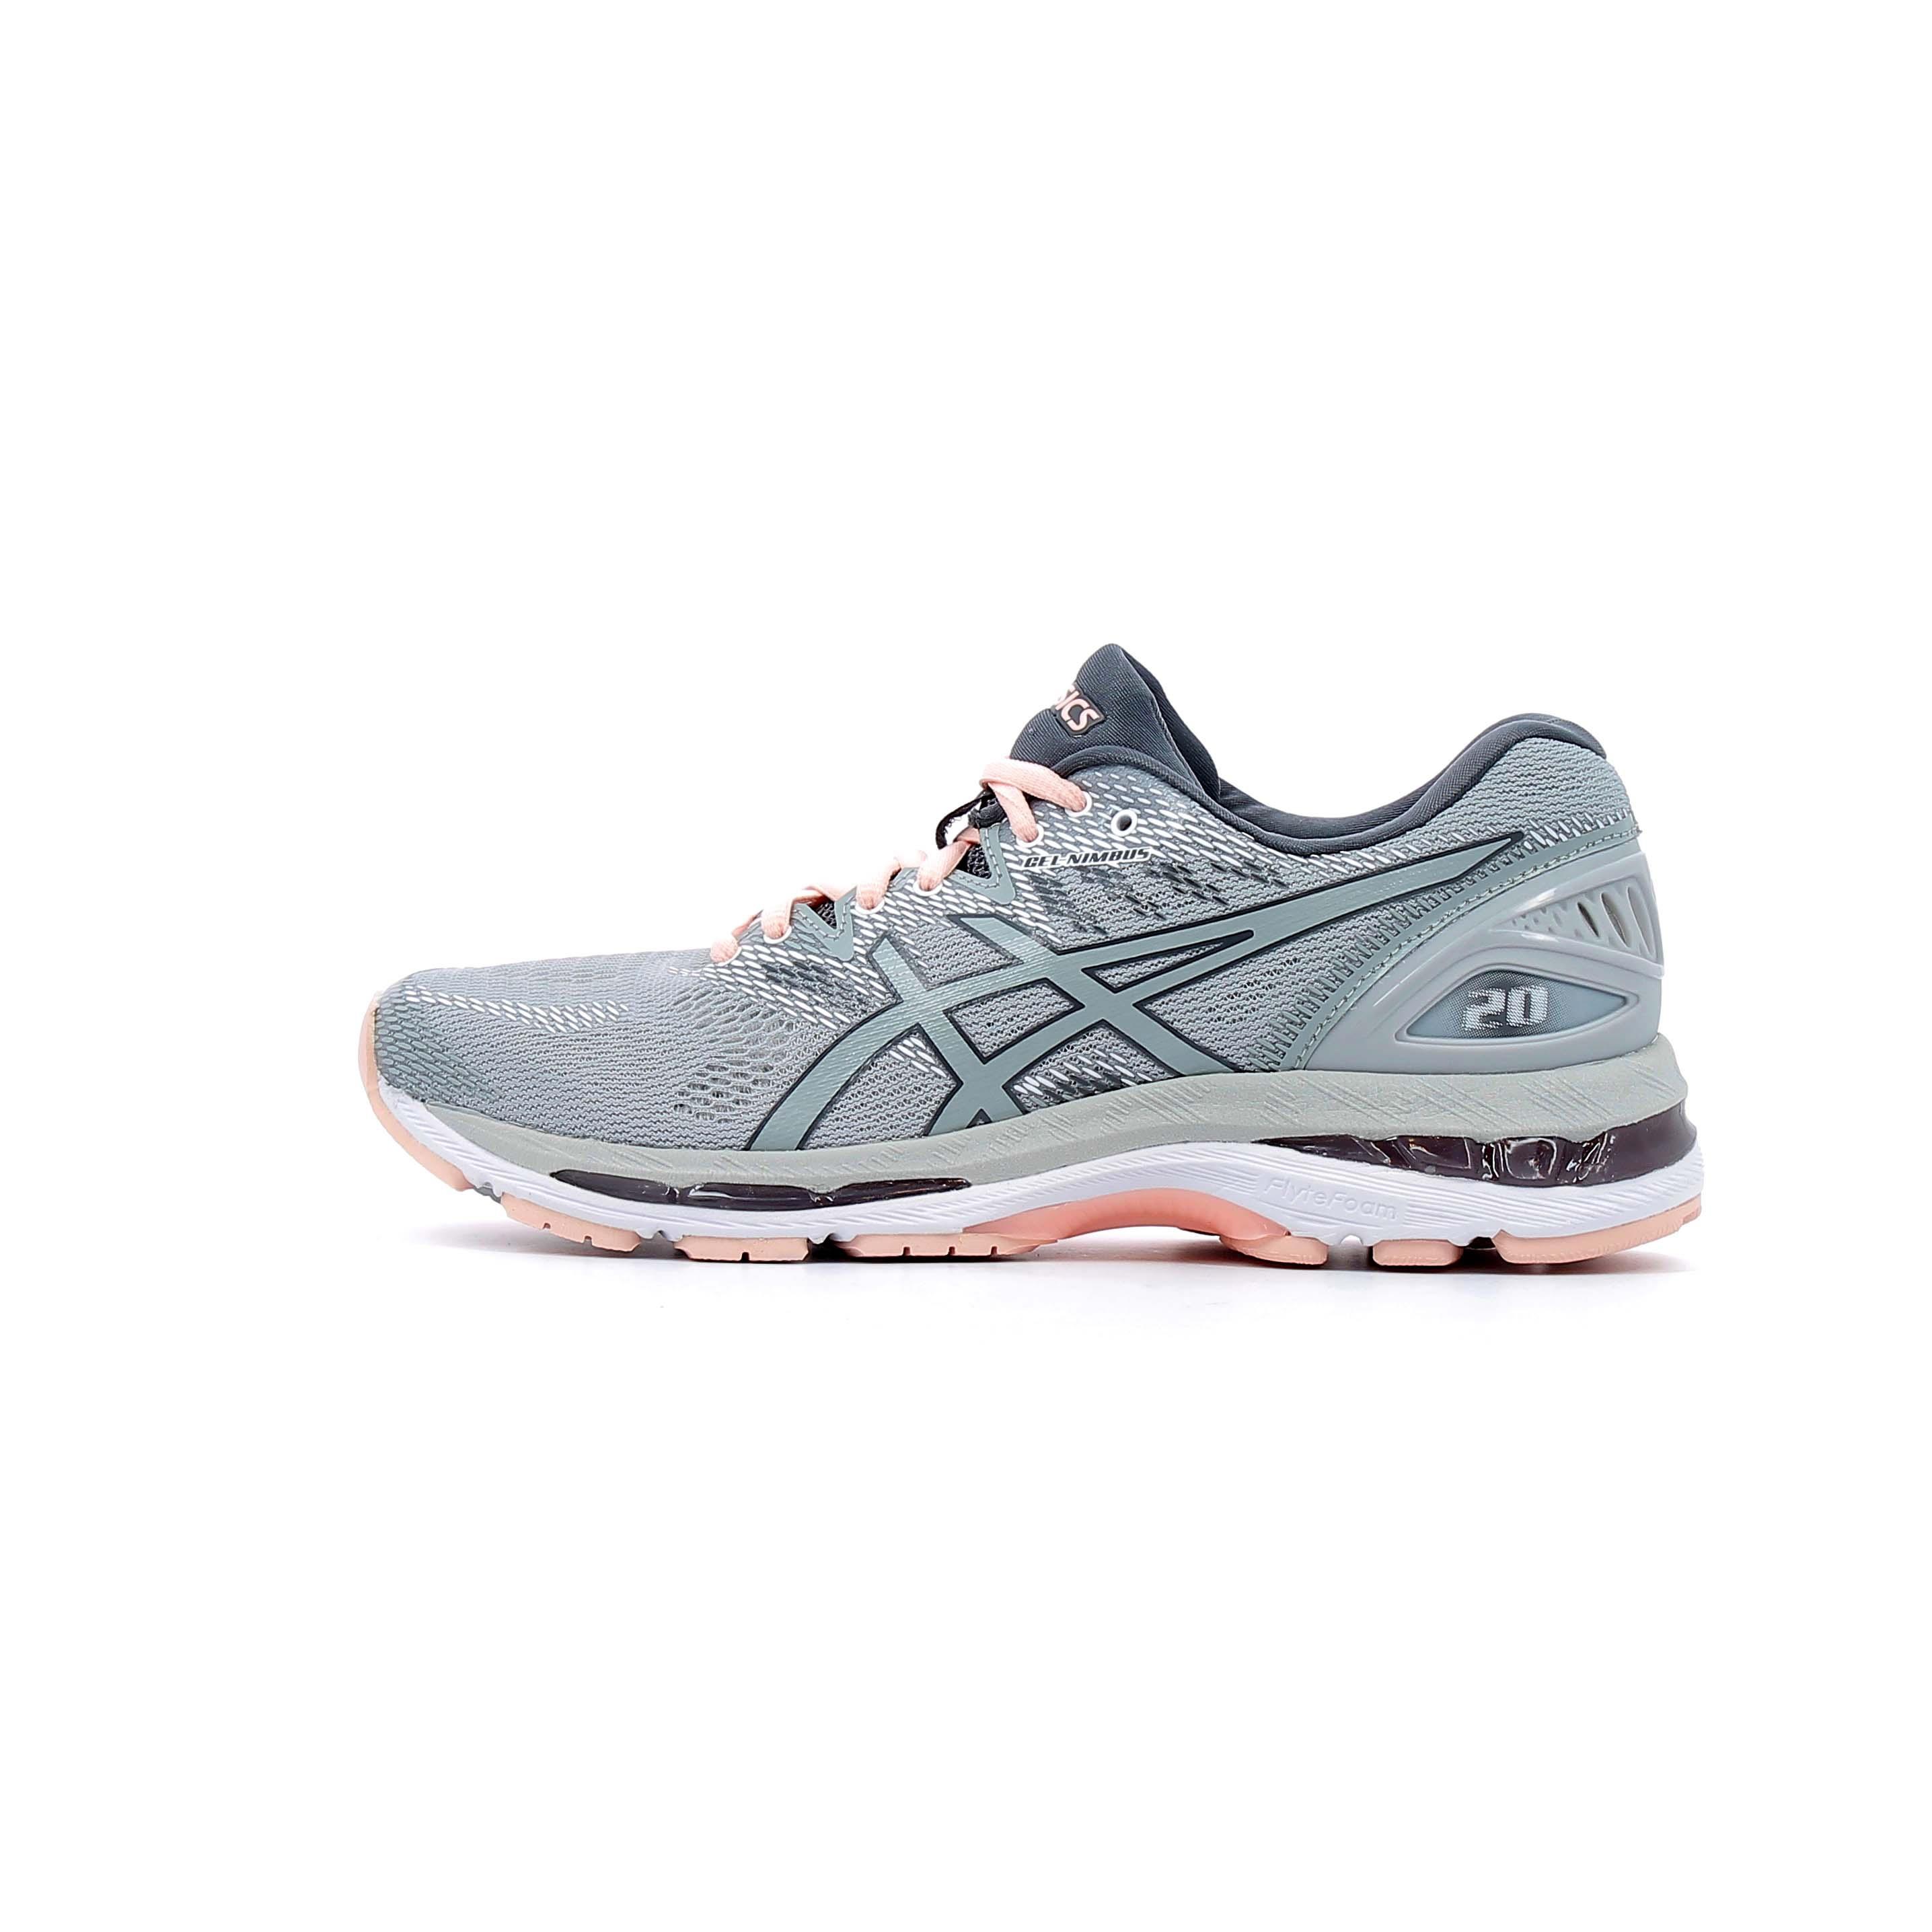 7775965c1ccc33 Chaussures de Running Femme Asics Gel Nimbus 20 Women Gris ...